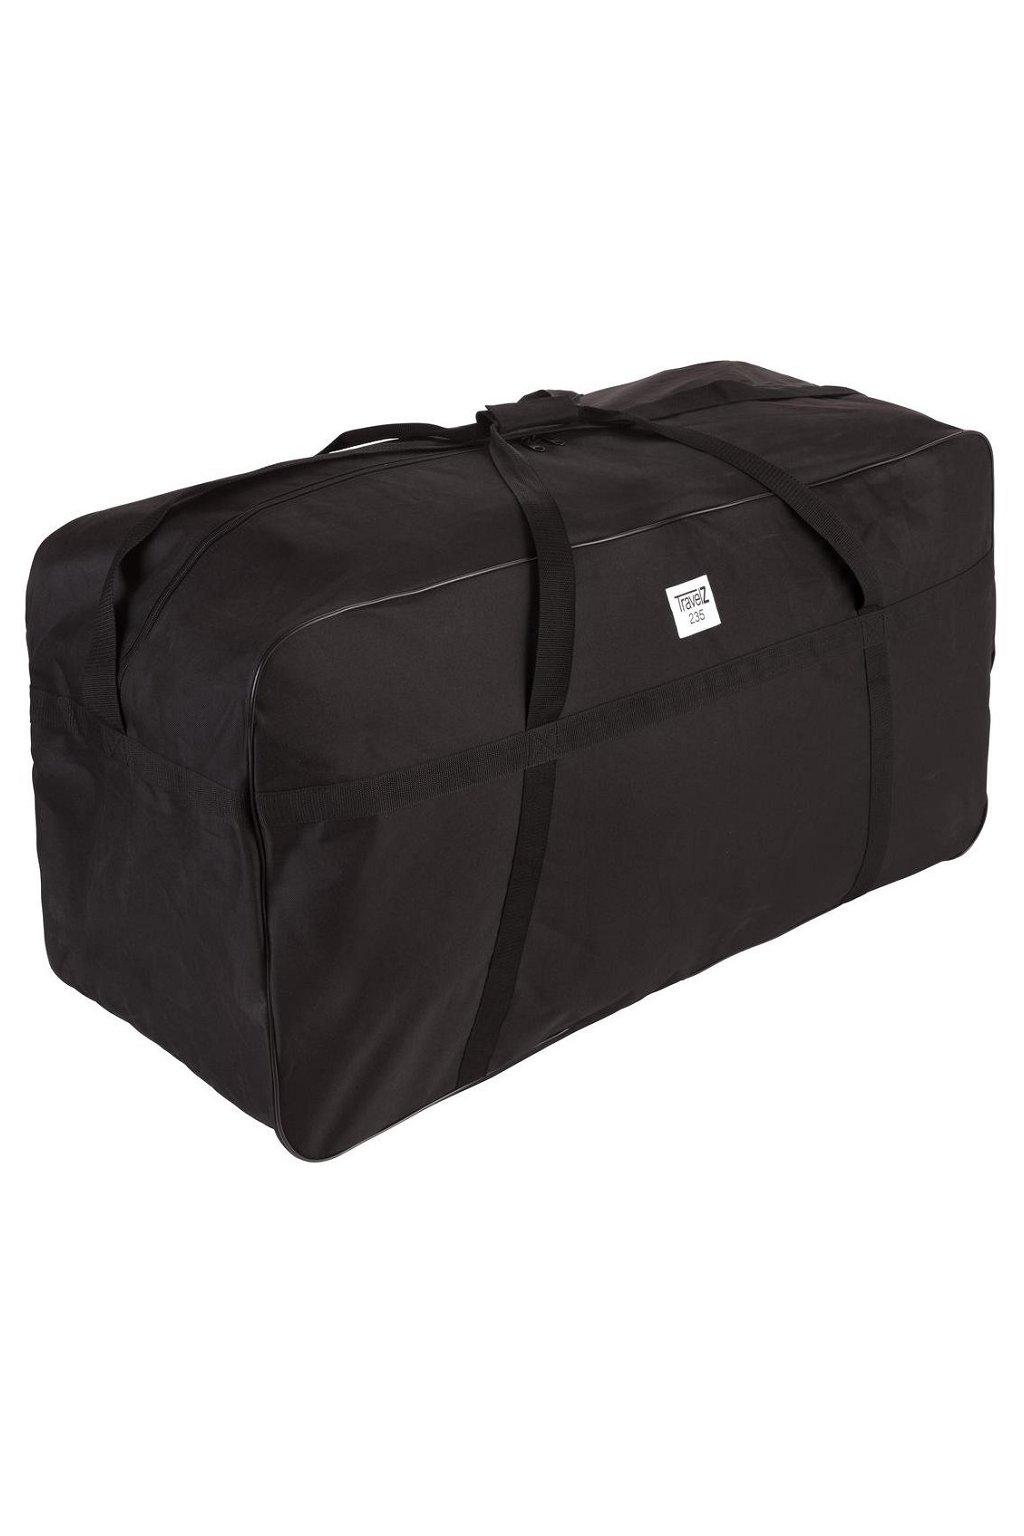 kufrland travelz bag xxxl (8)